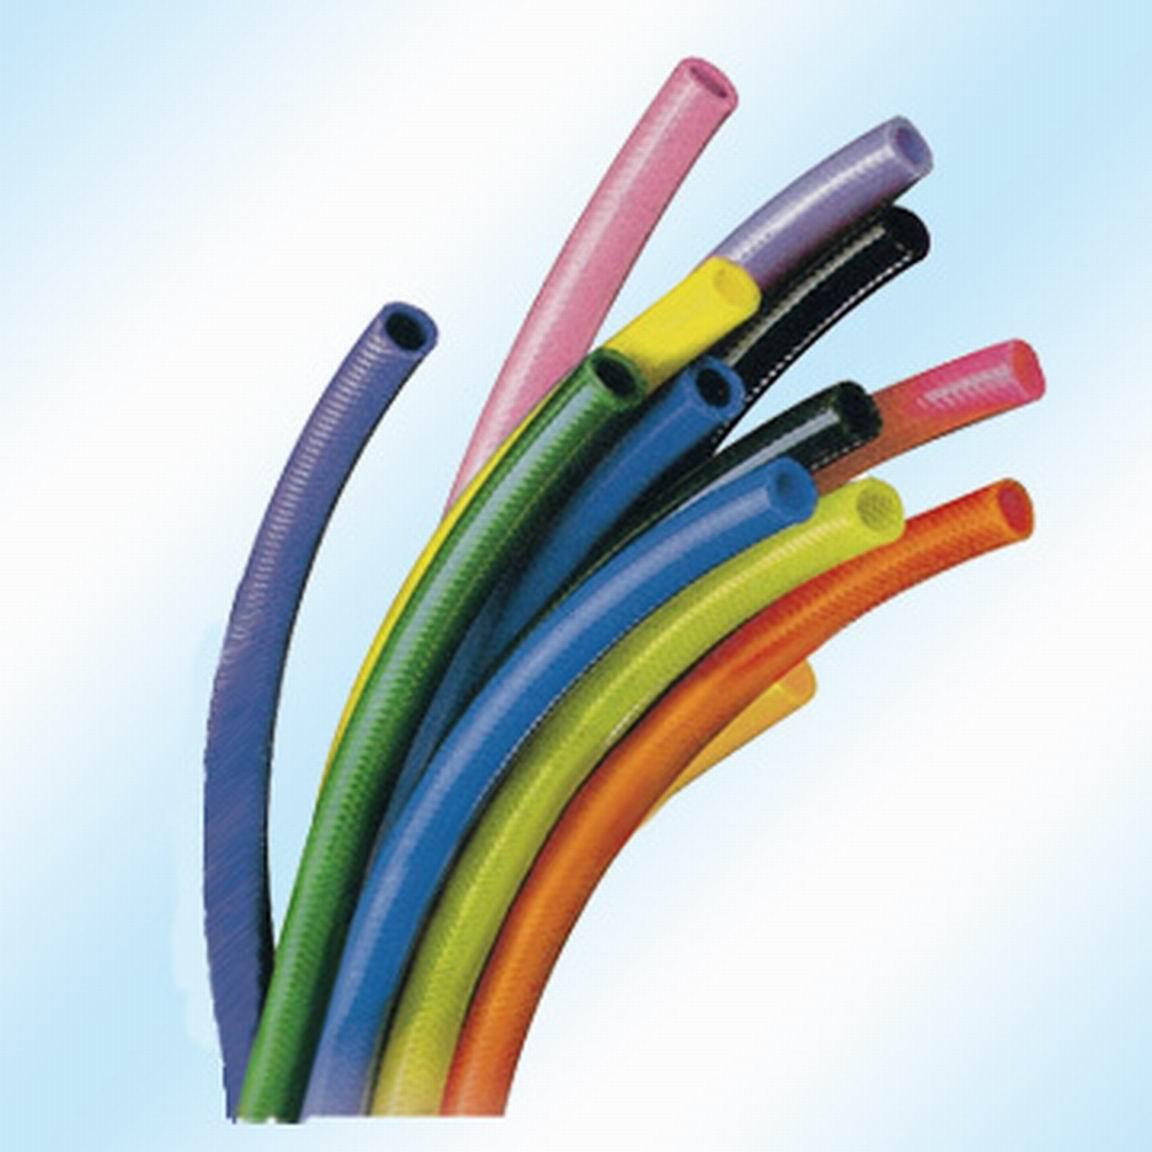 Air Hose PVC HOSE  sc 1 st  TZMFG.COM & Air Hose PVC HOSE - Air Hose PVC HOSE Manufacturers